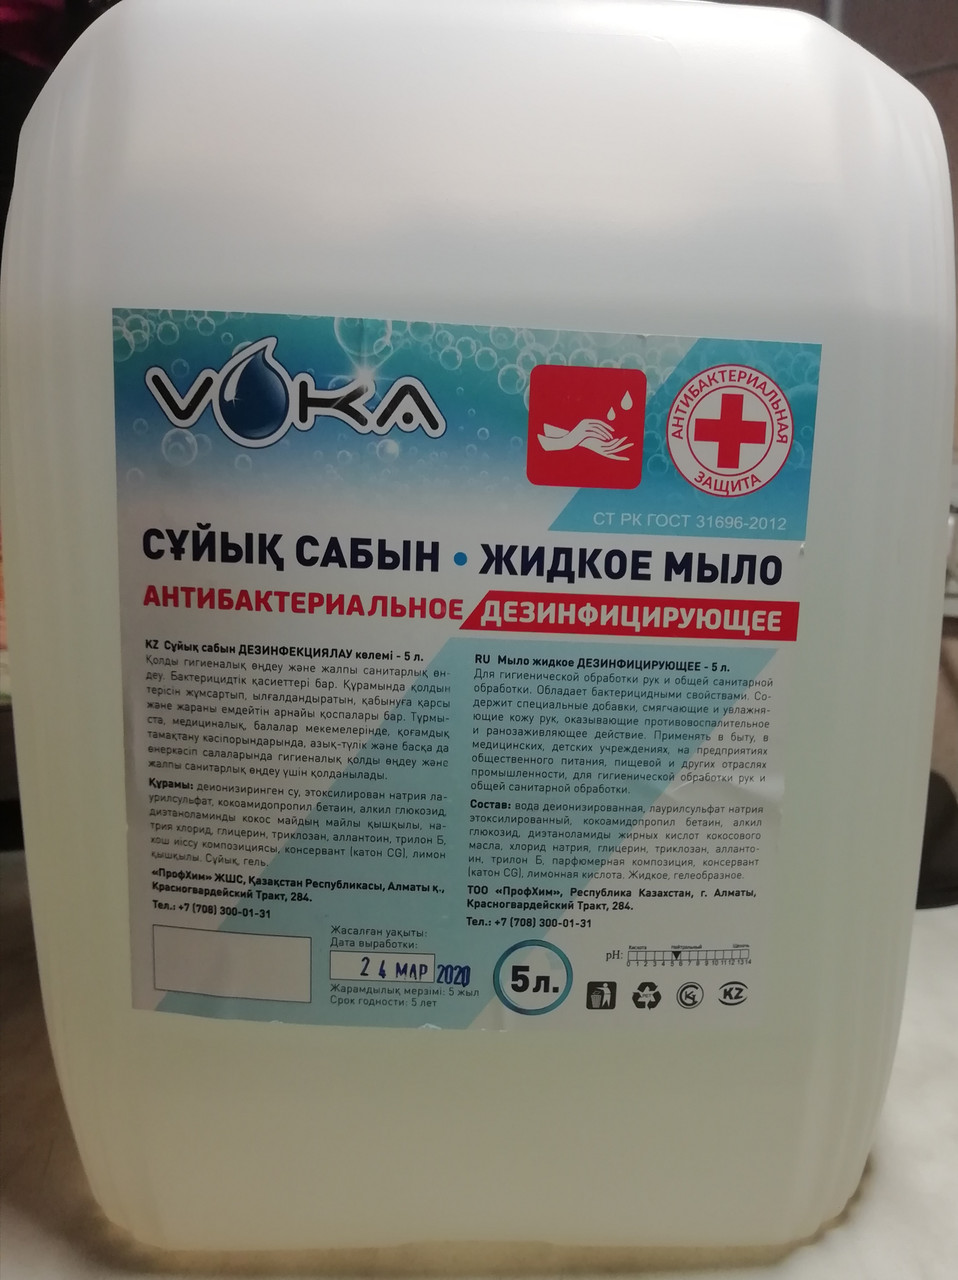 Жидкое мыло от бактерий 5 л. в Алматы